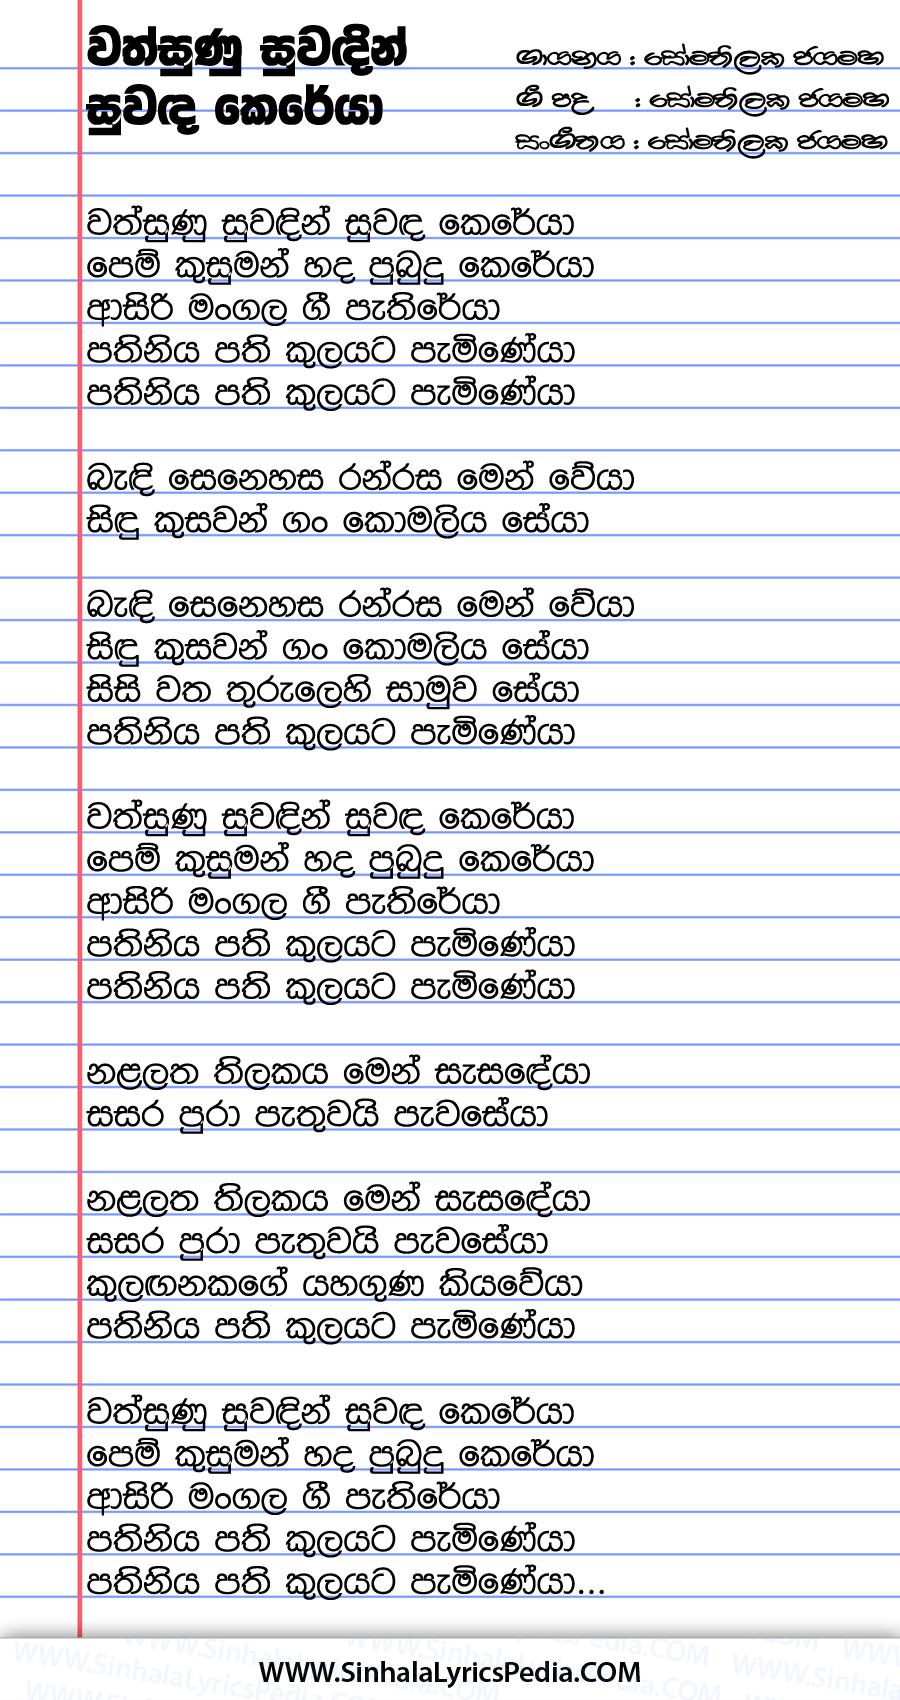 Wathsunu Suwandin Suwanda Kereya Song Lyrics